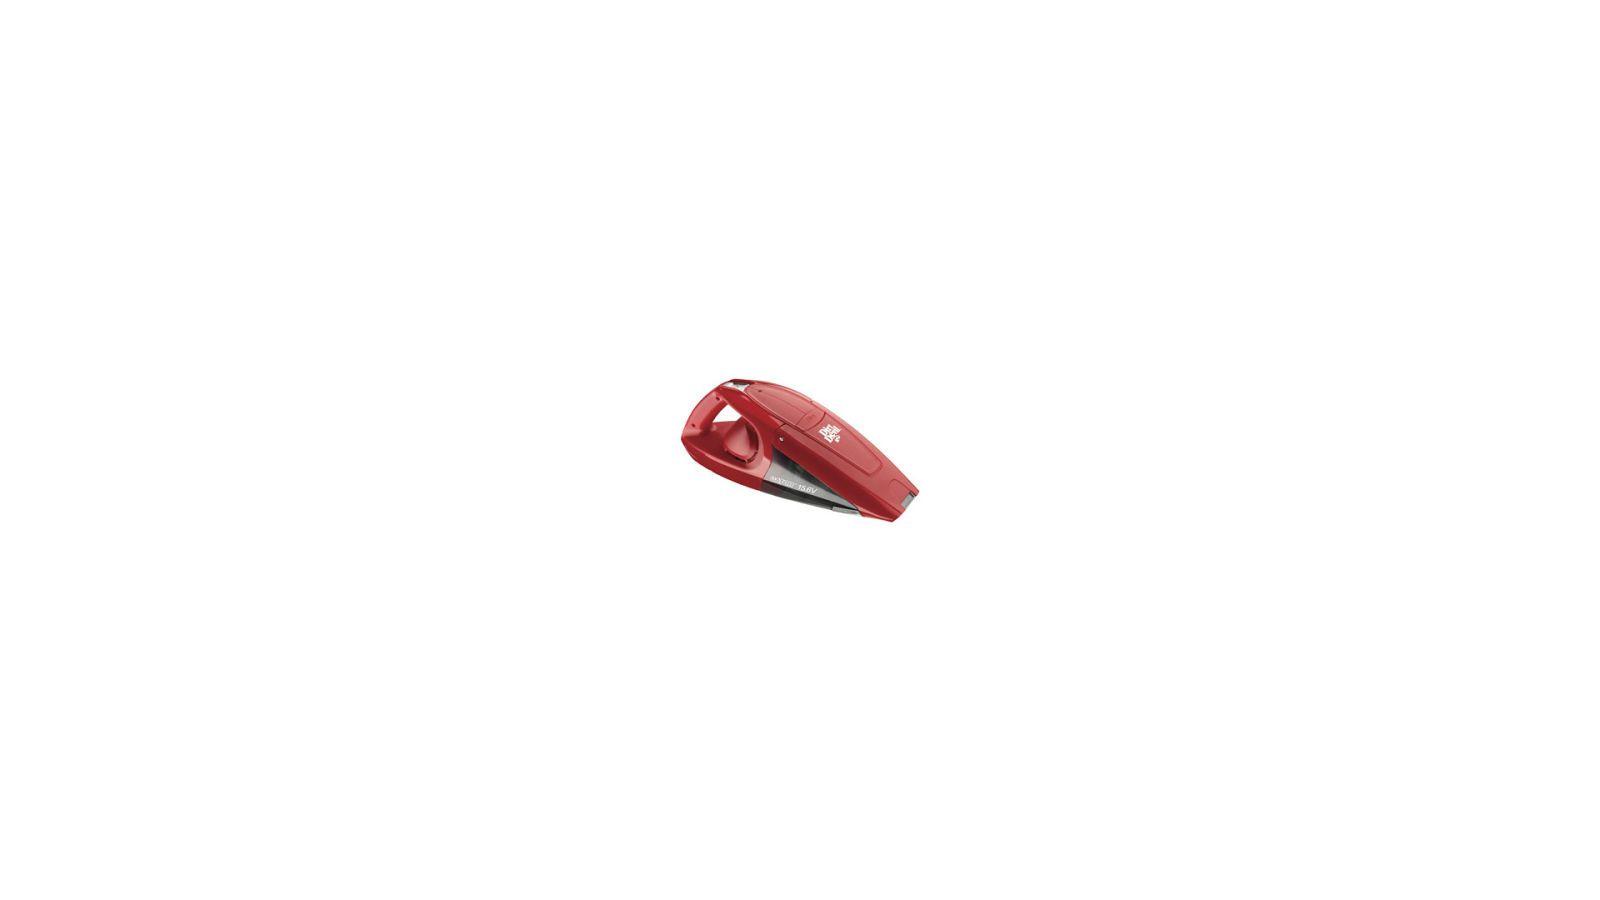 dirt devil gator bd10165 handheld vacuum